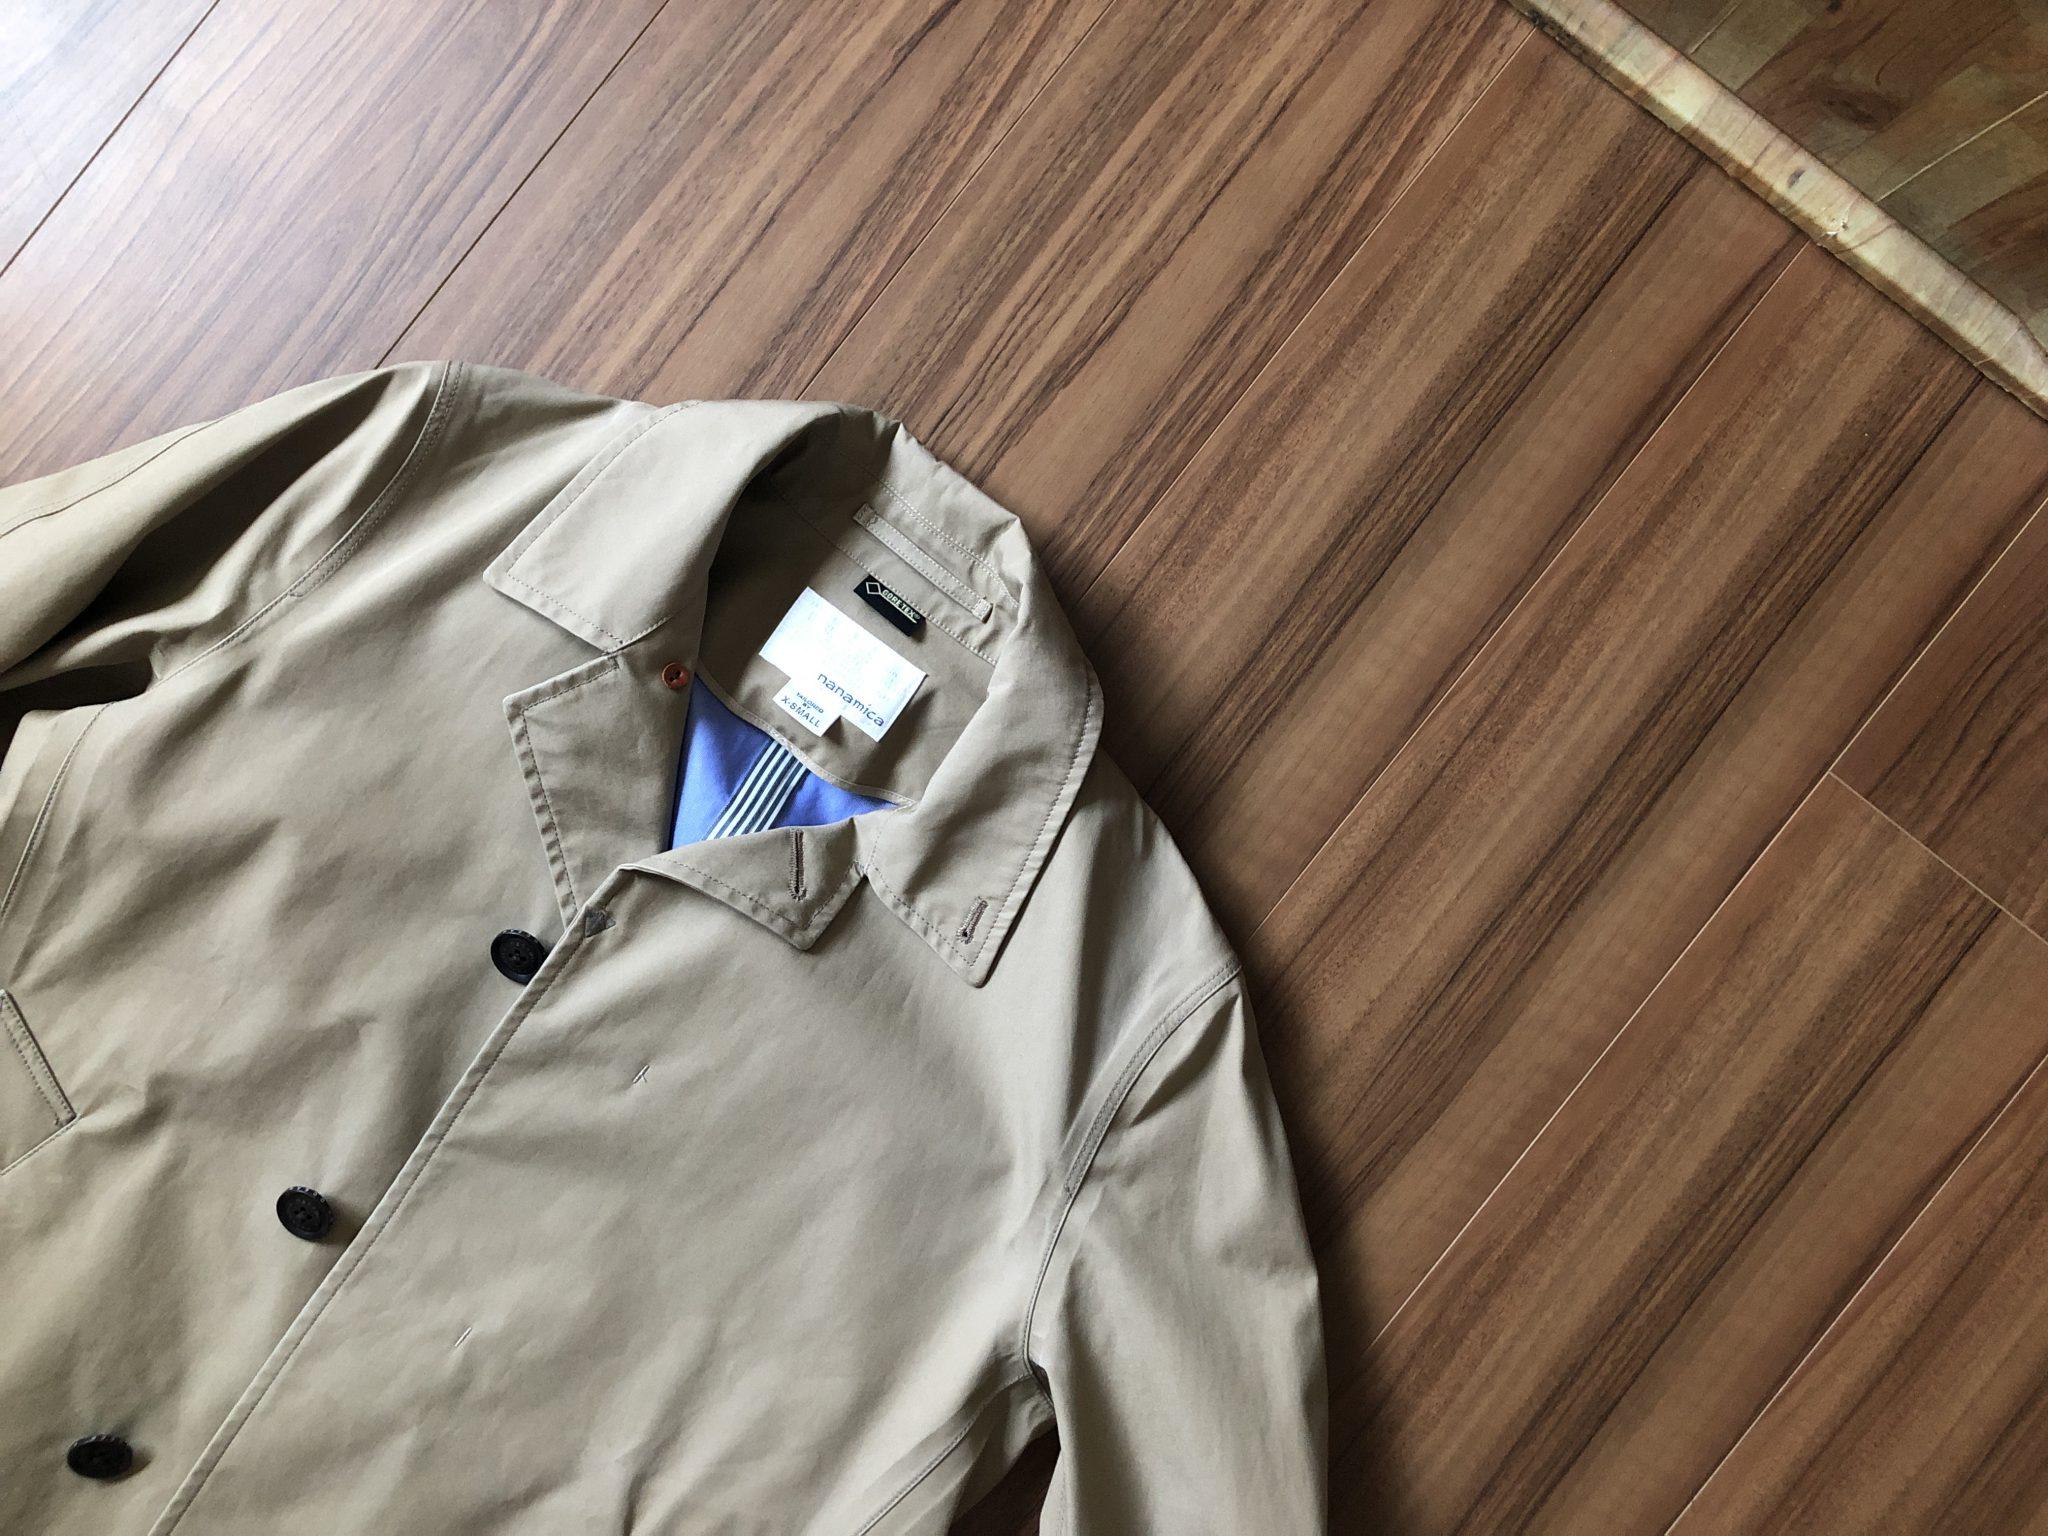 ナナミカ ゴアテックス ステンカラーコート(nanamica GORE-TEX Soutien Collar Coat)|ベージュを購入~コットンゴアテックスファブリックは3着目。